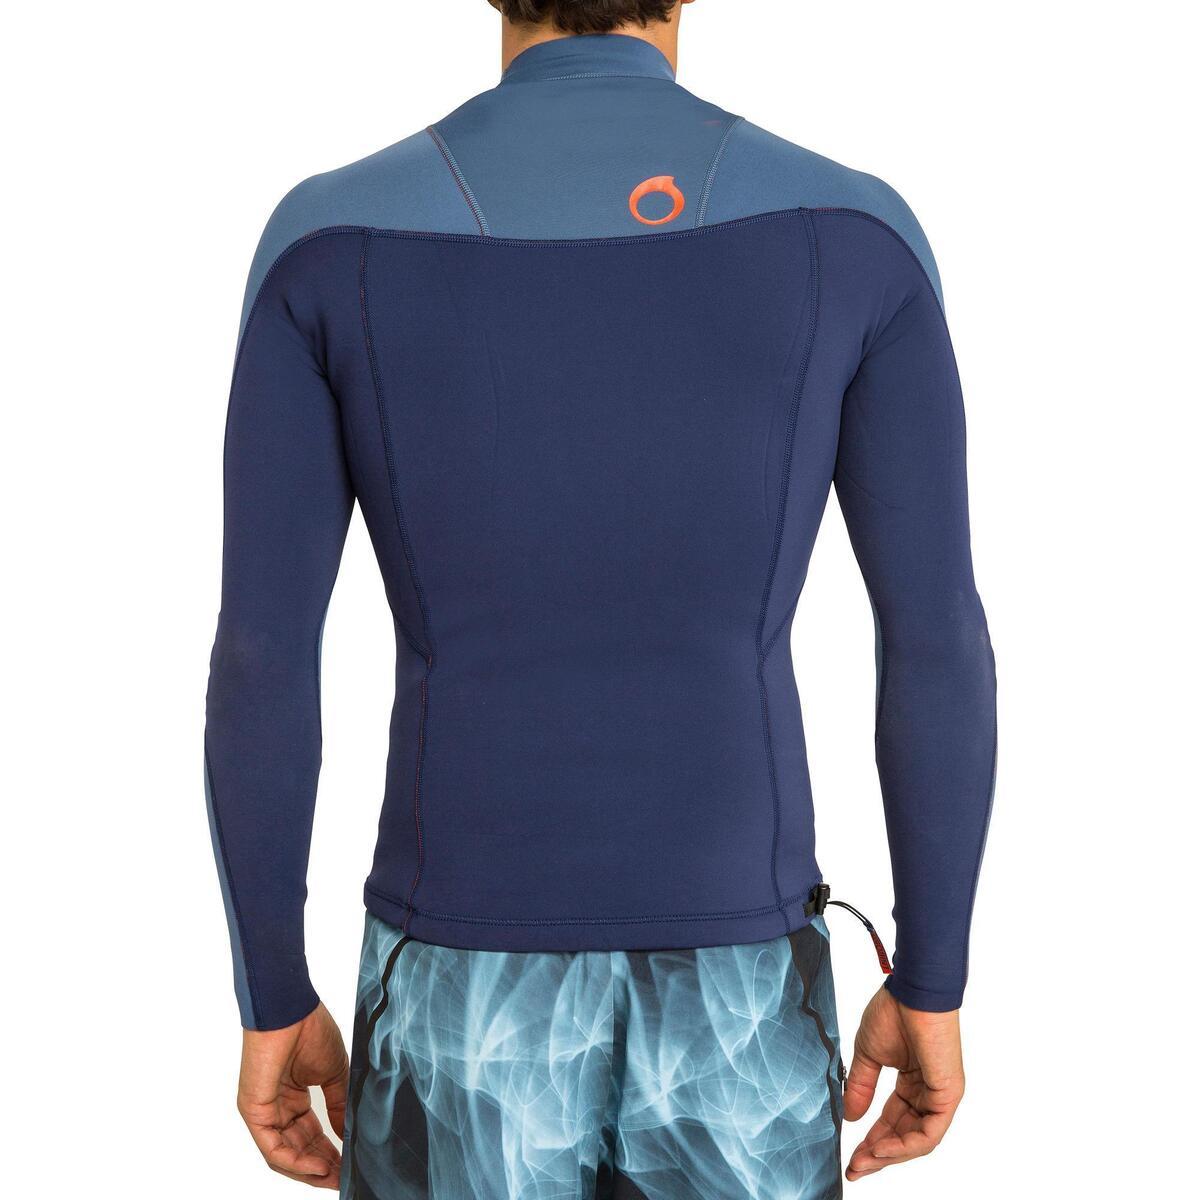 Bild 3 von Thermo-Shirt langarm 900 Herren blau